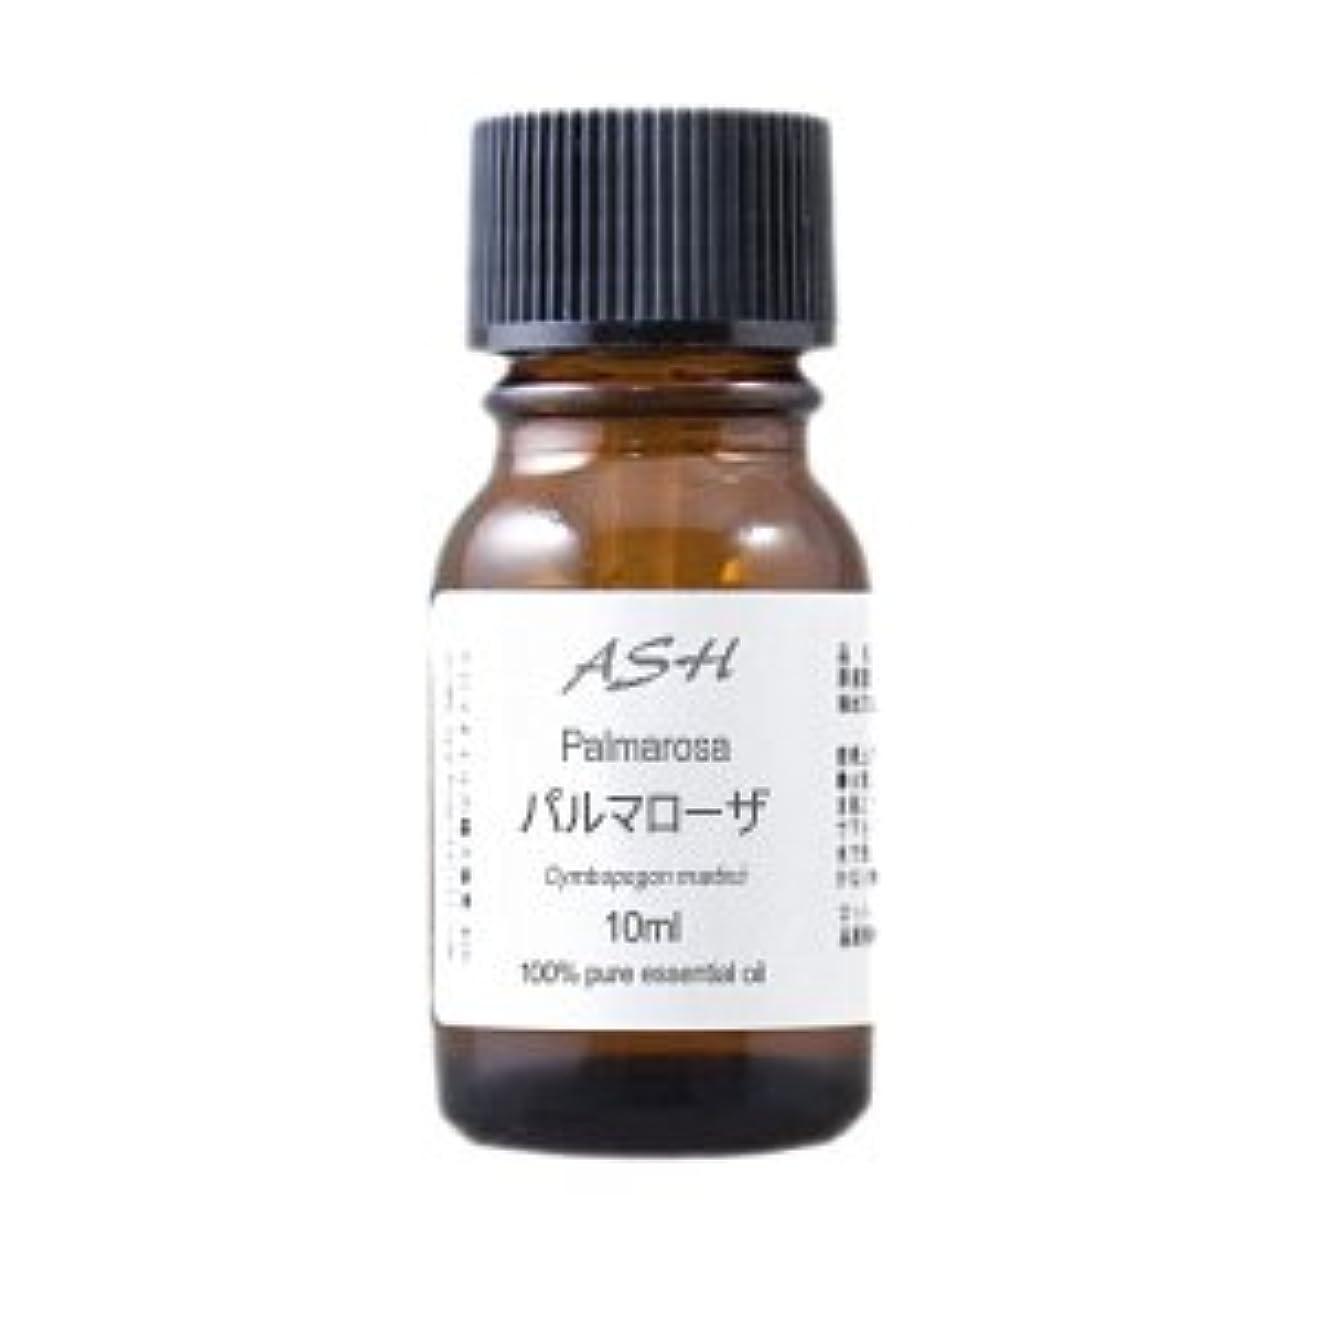 画家いたずらな猫背ASH パルマローザ エッセンシャルオイル 10ml AEAJ表示基準適合認定精油